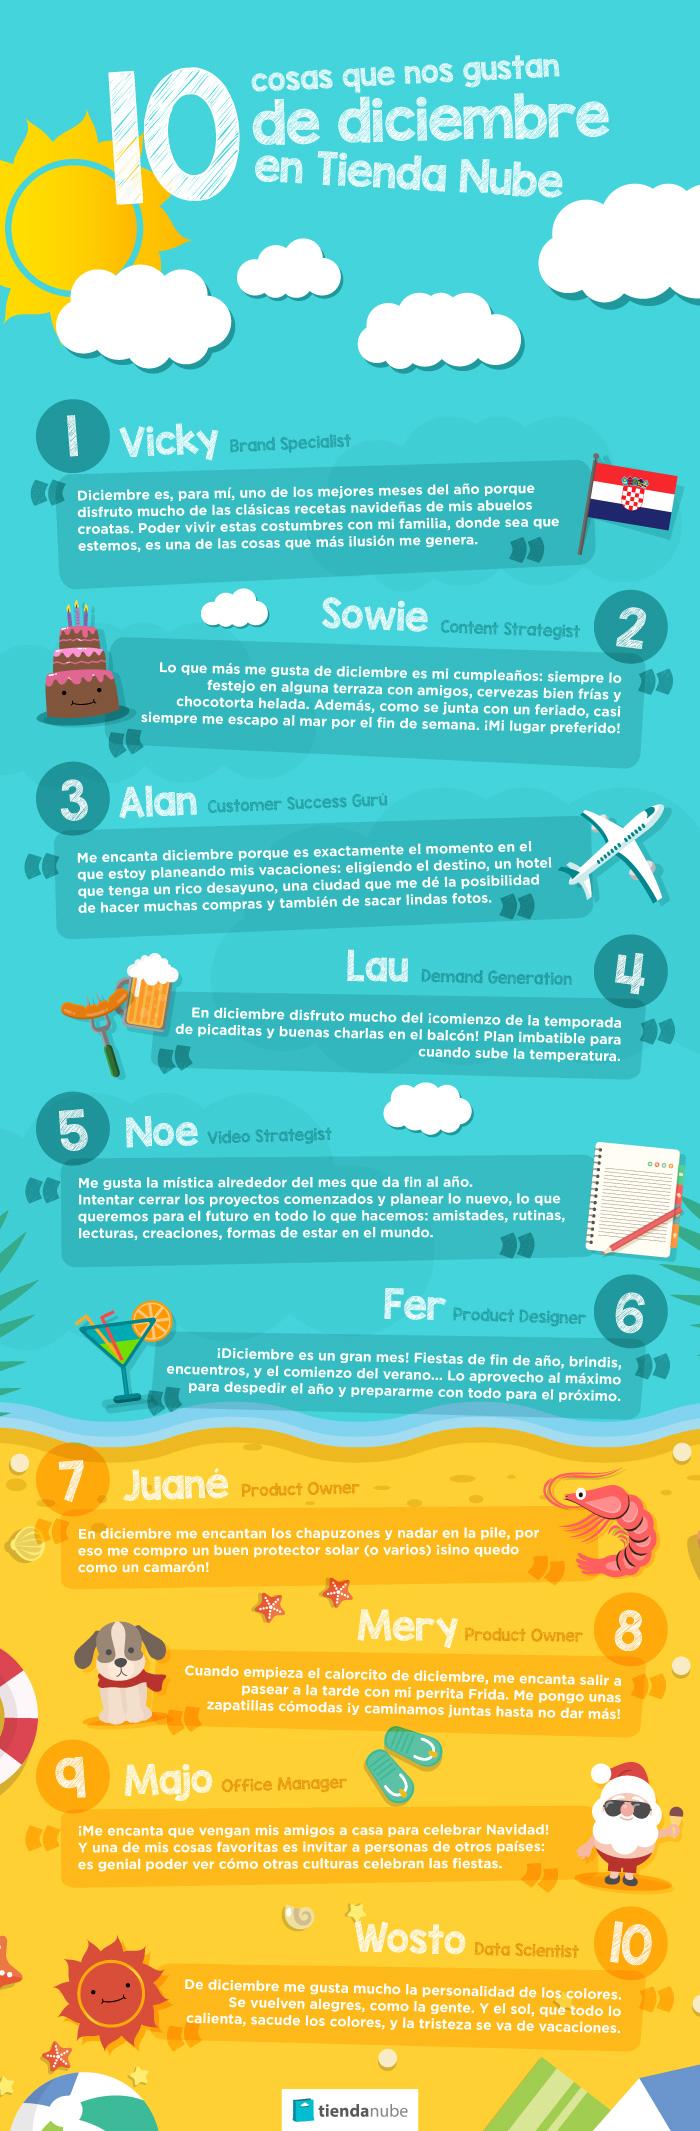 Infografía 10 cosas - Tiendanube